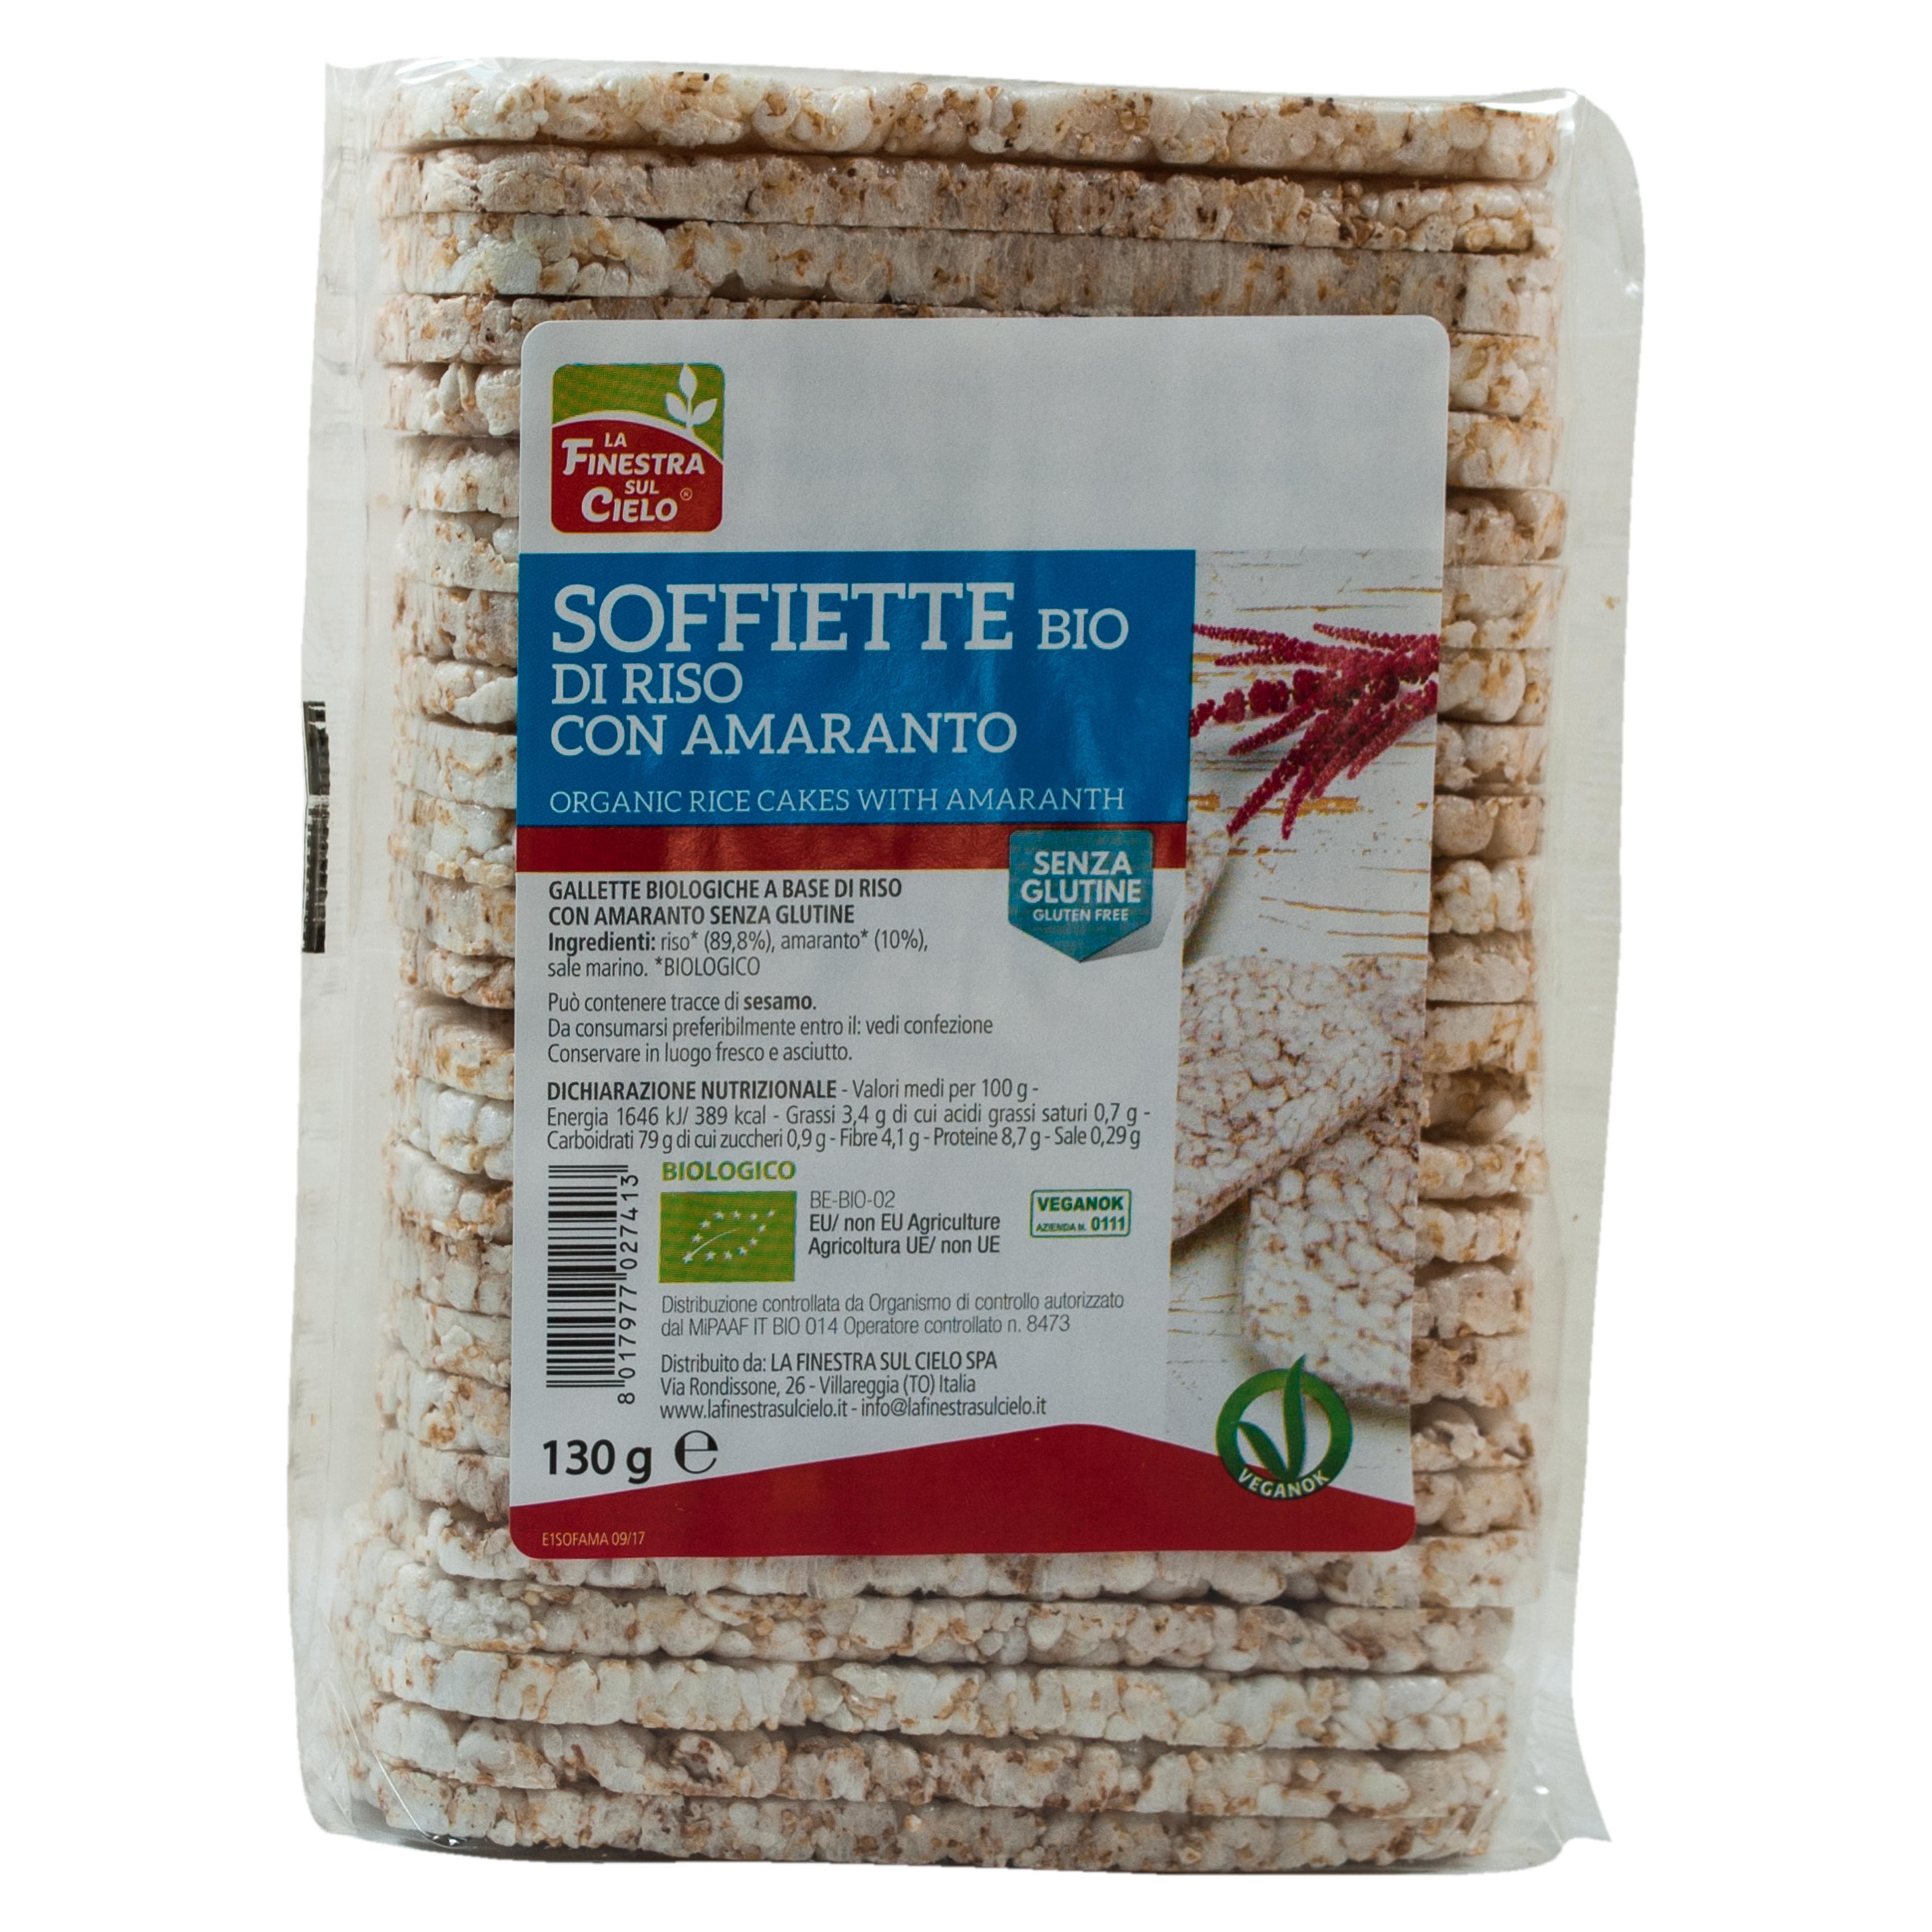 Soffiette Riso Con Amaranto Bio 130g